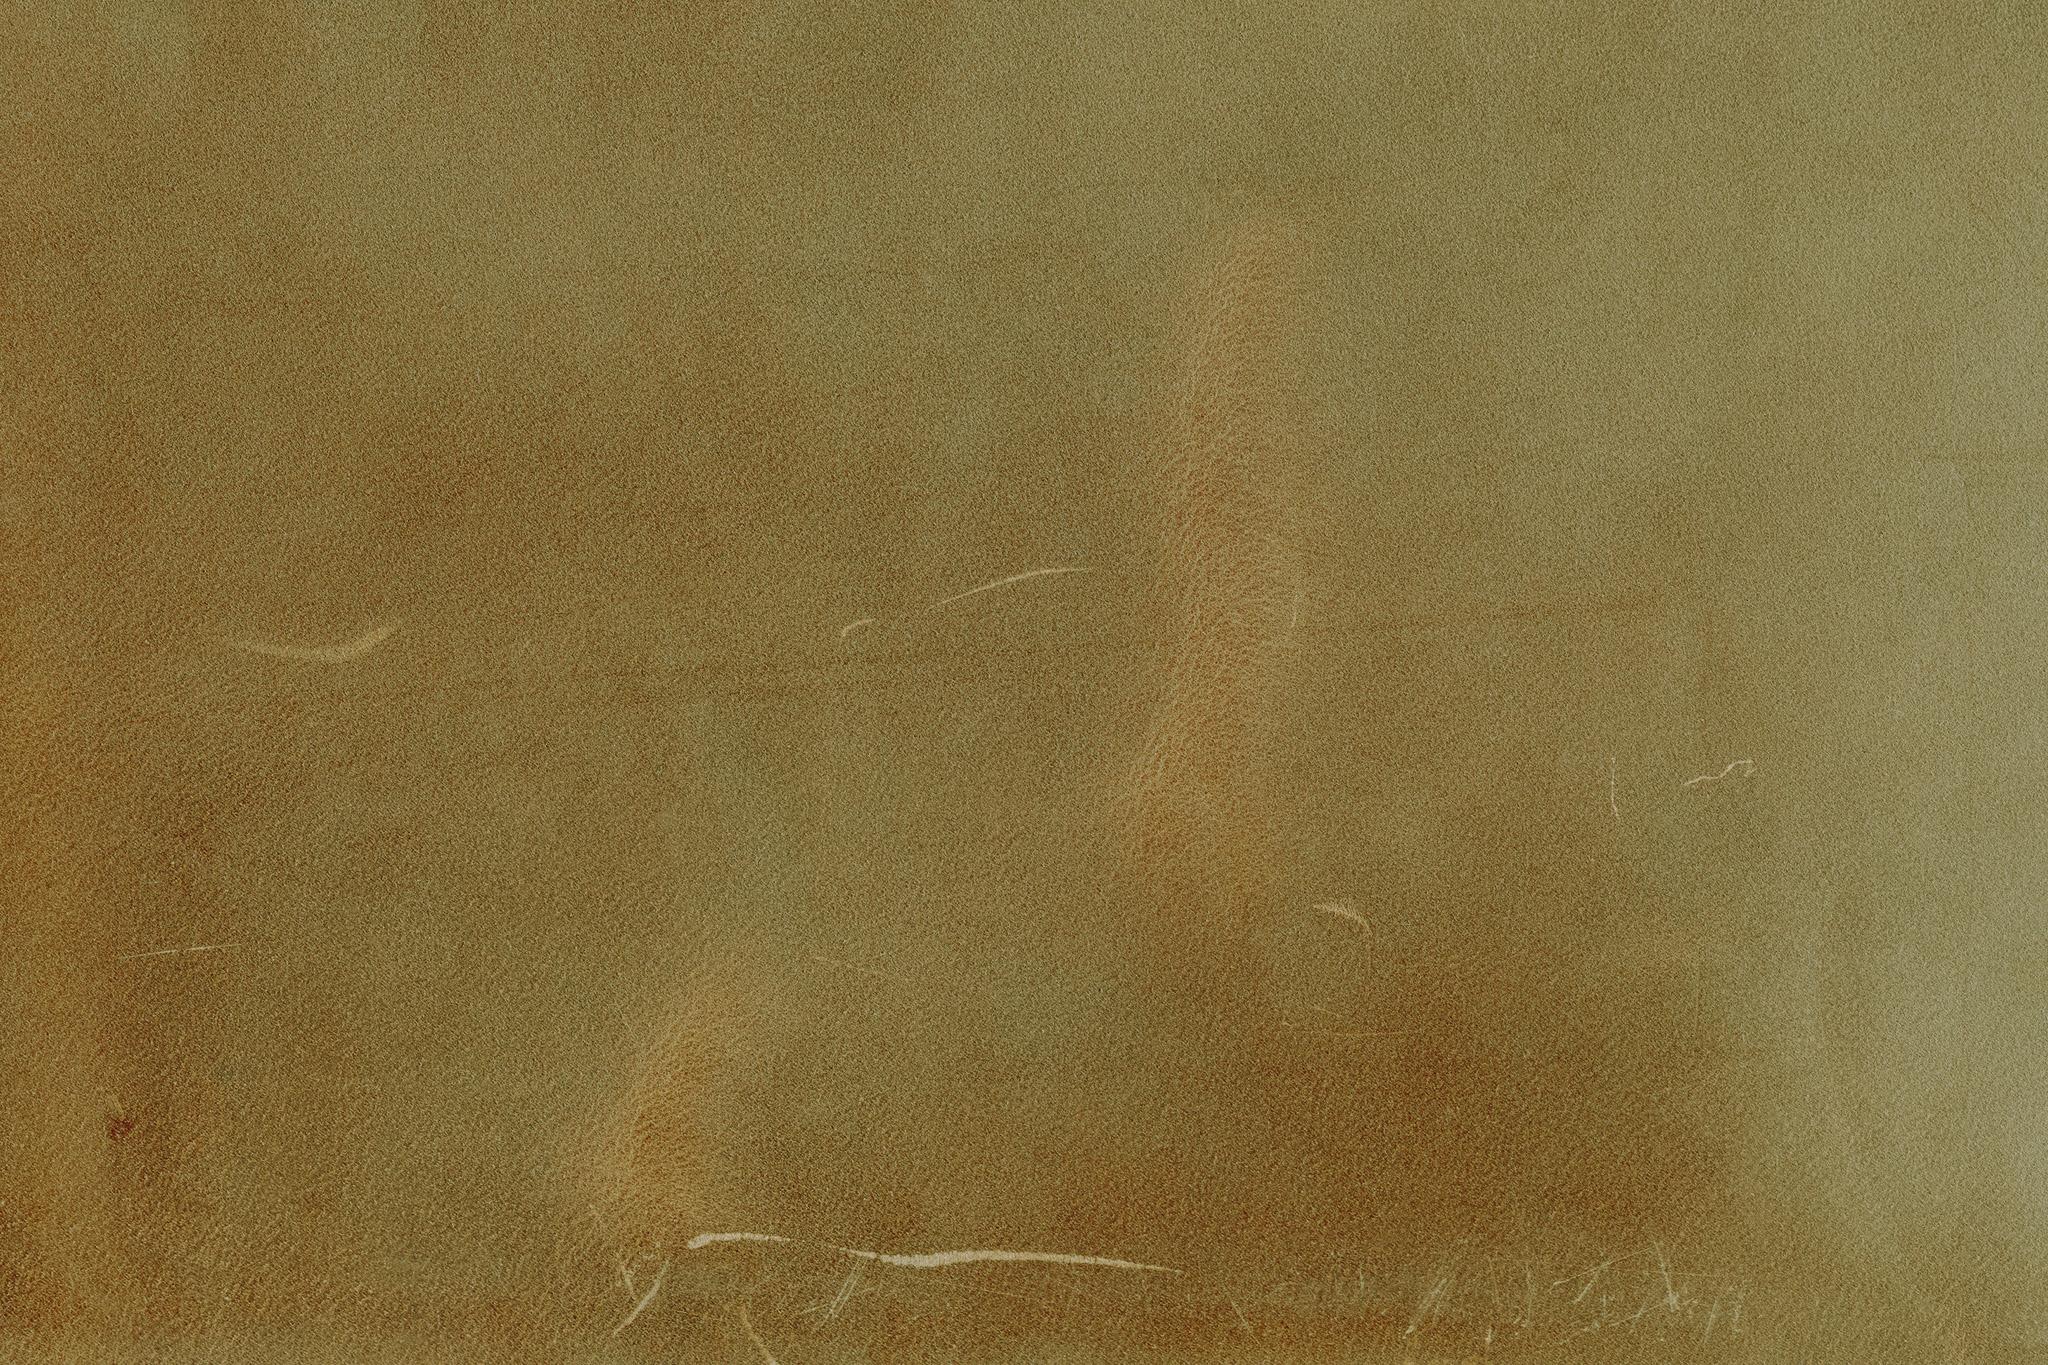 「傷のある薄茶色のレザー」の素材を無料ダウンロード